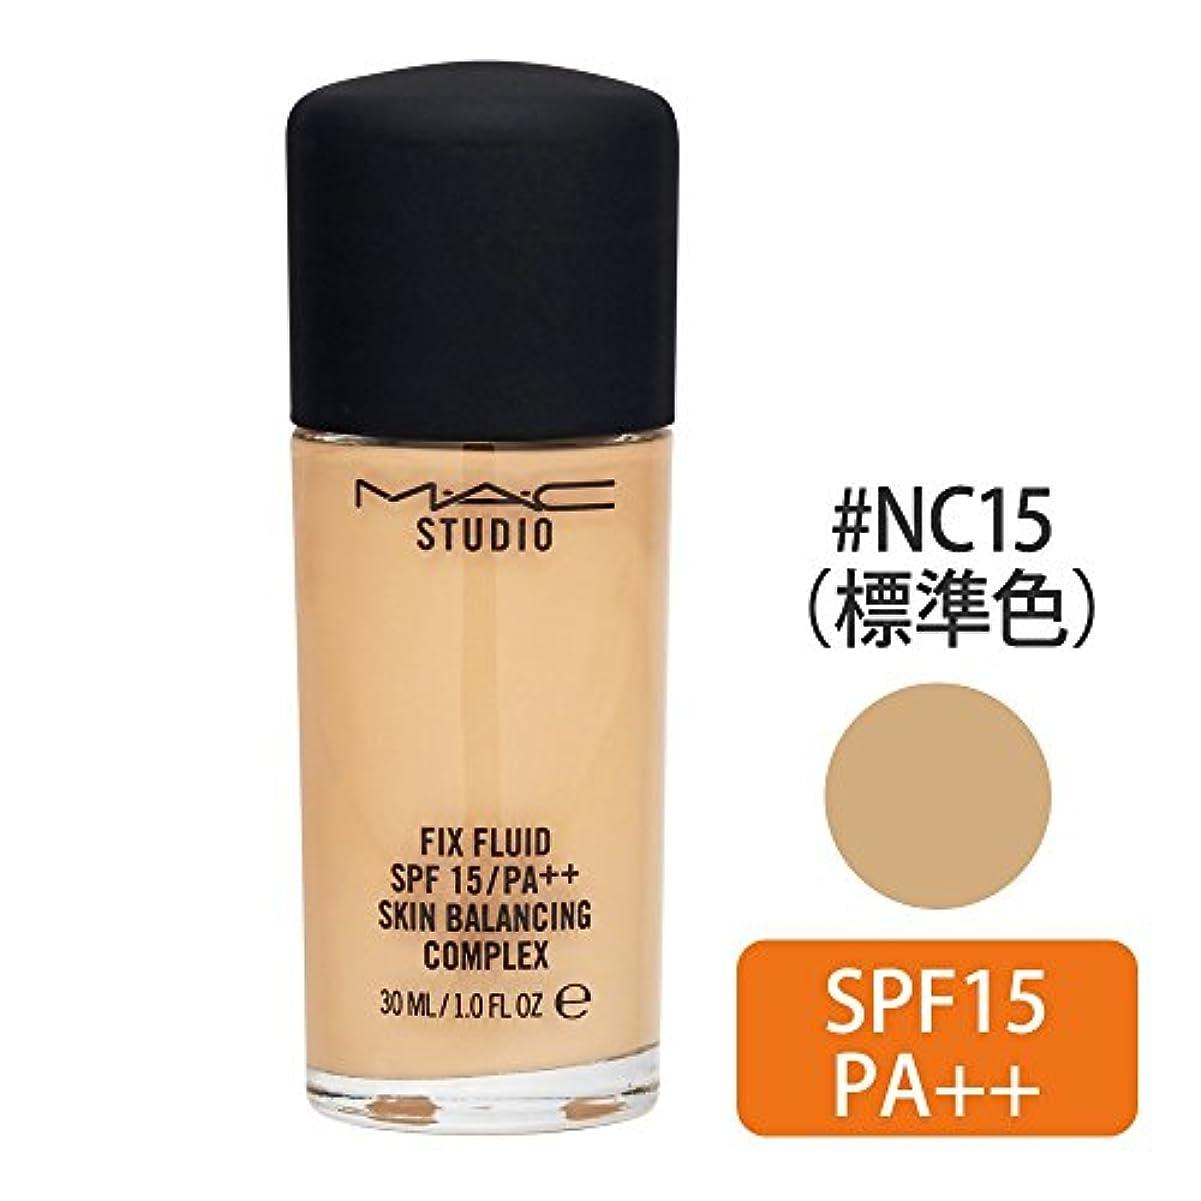 嵐斧可塑性マック(MAC) スタジオ フィックス フルイッド SPF15 #NC25(標準色) [並行輸入品]